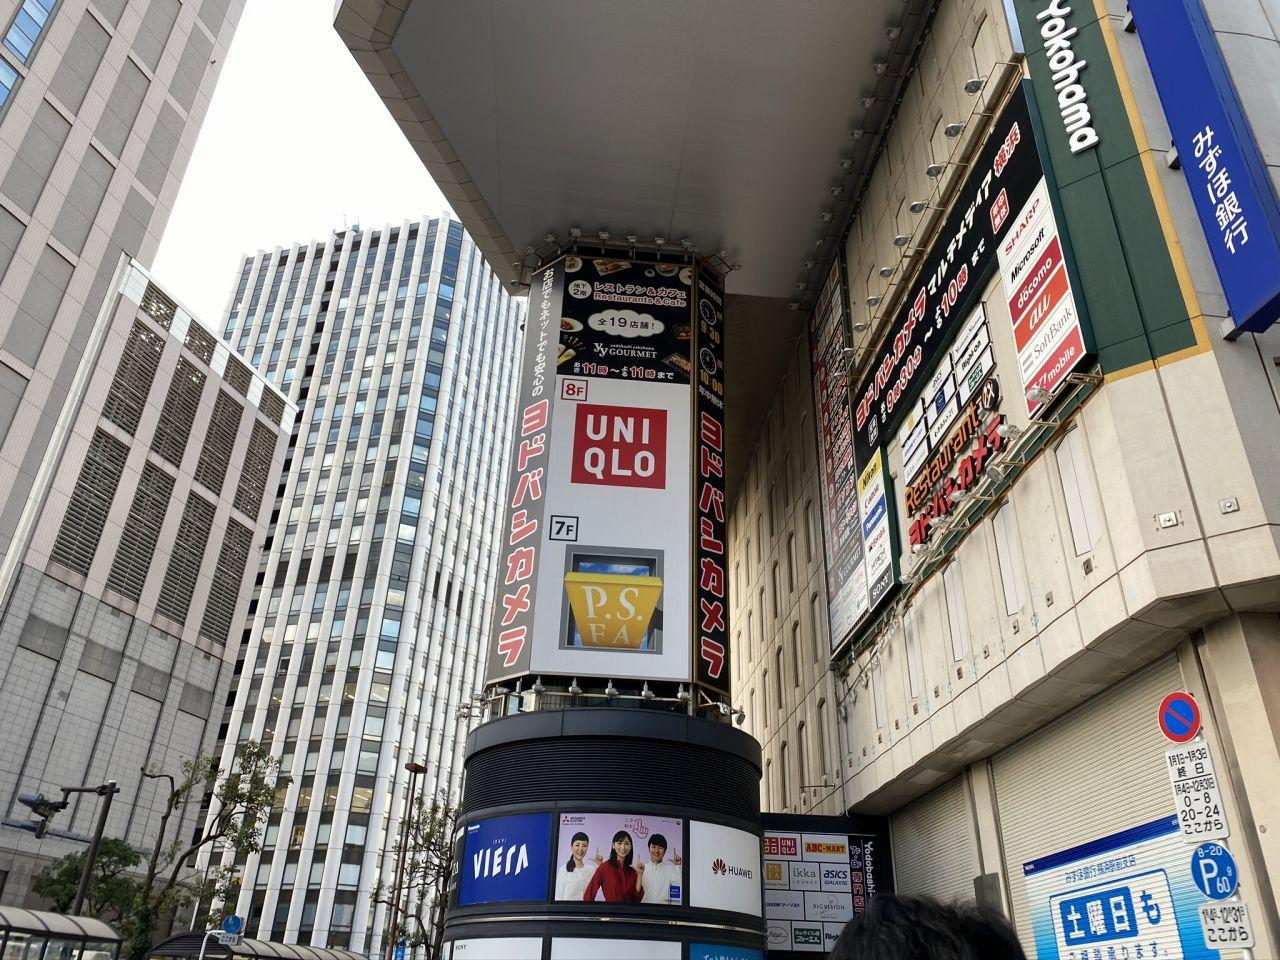 横浜駅周辺旅行